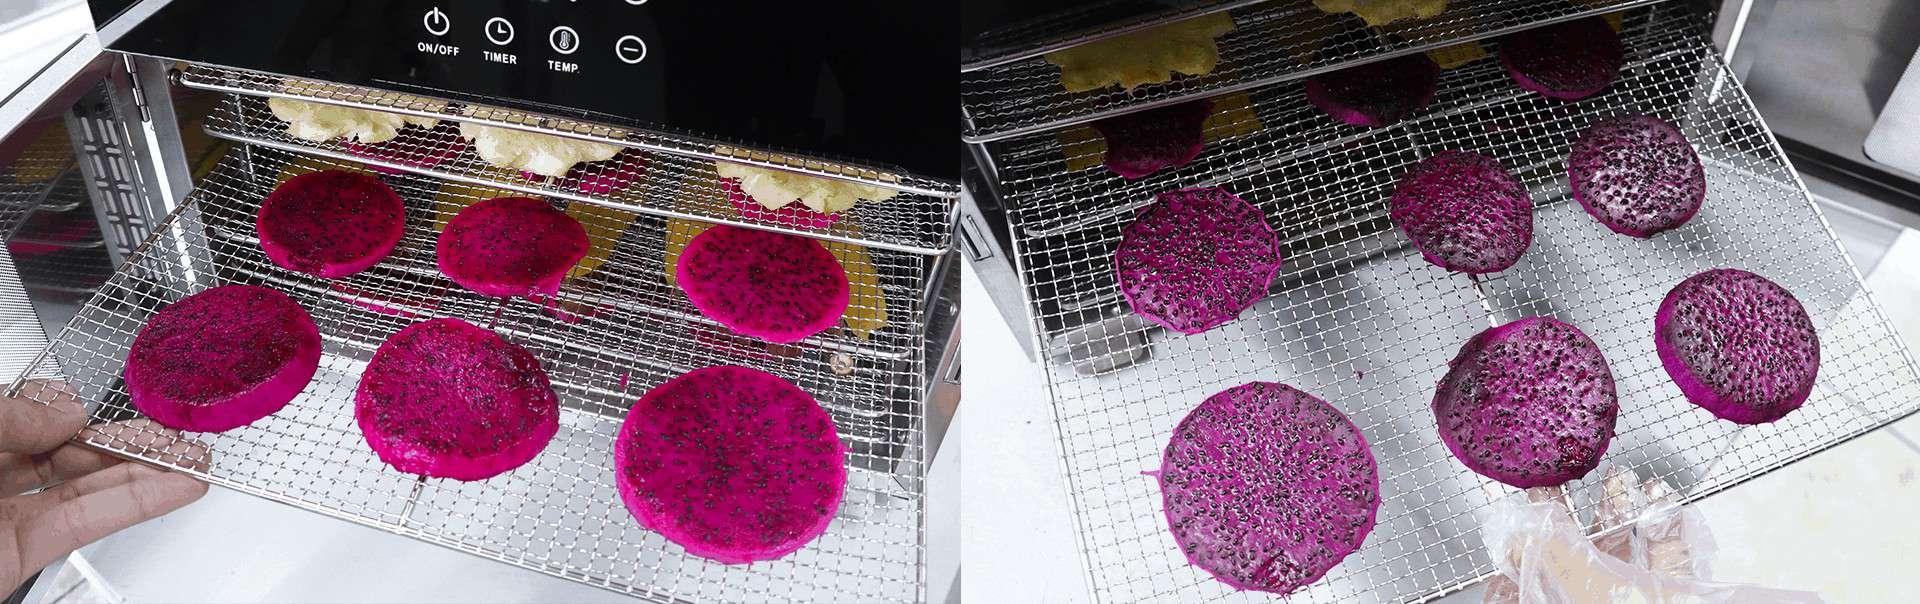 เครื่องอบแห้ง เครื่องอบผลไม้แห้ง -ก่อนและหลัง (2)